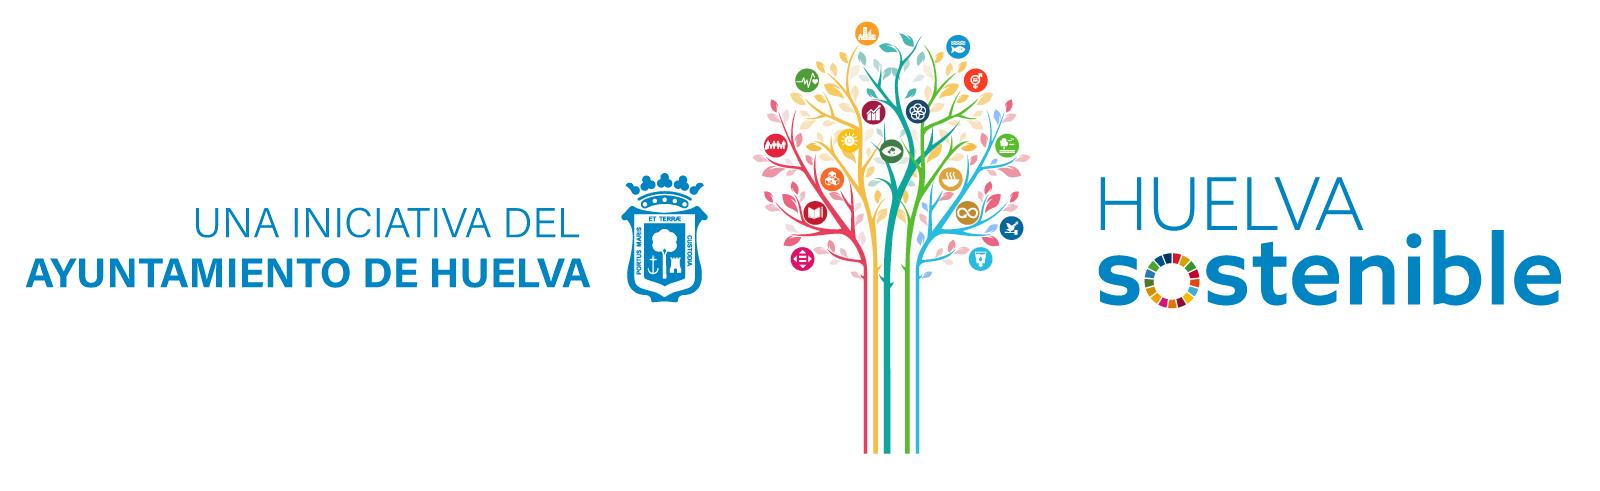 Huelva Sostenible - Ayuntamiento de Huelva